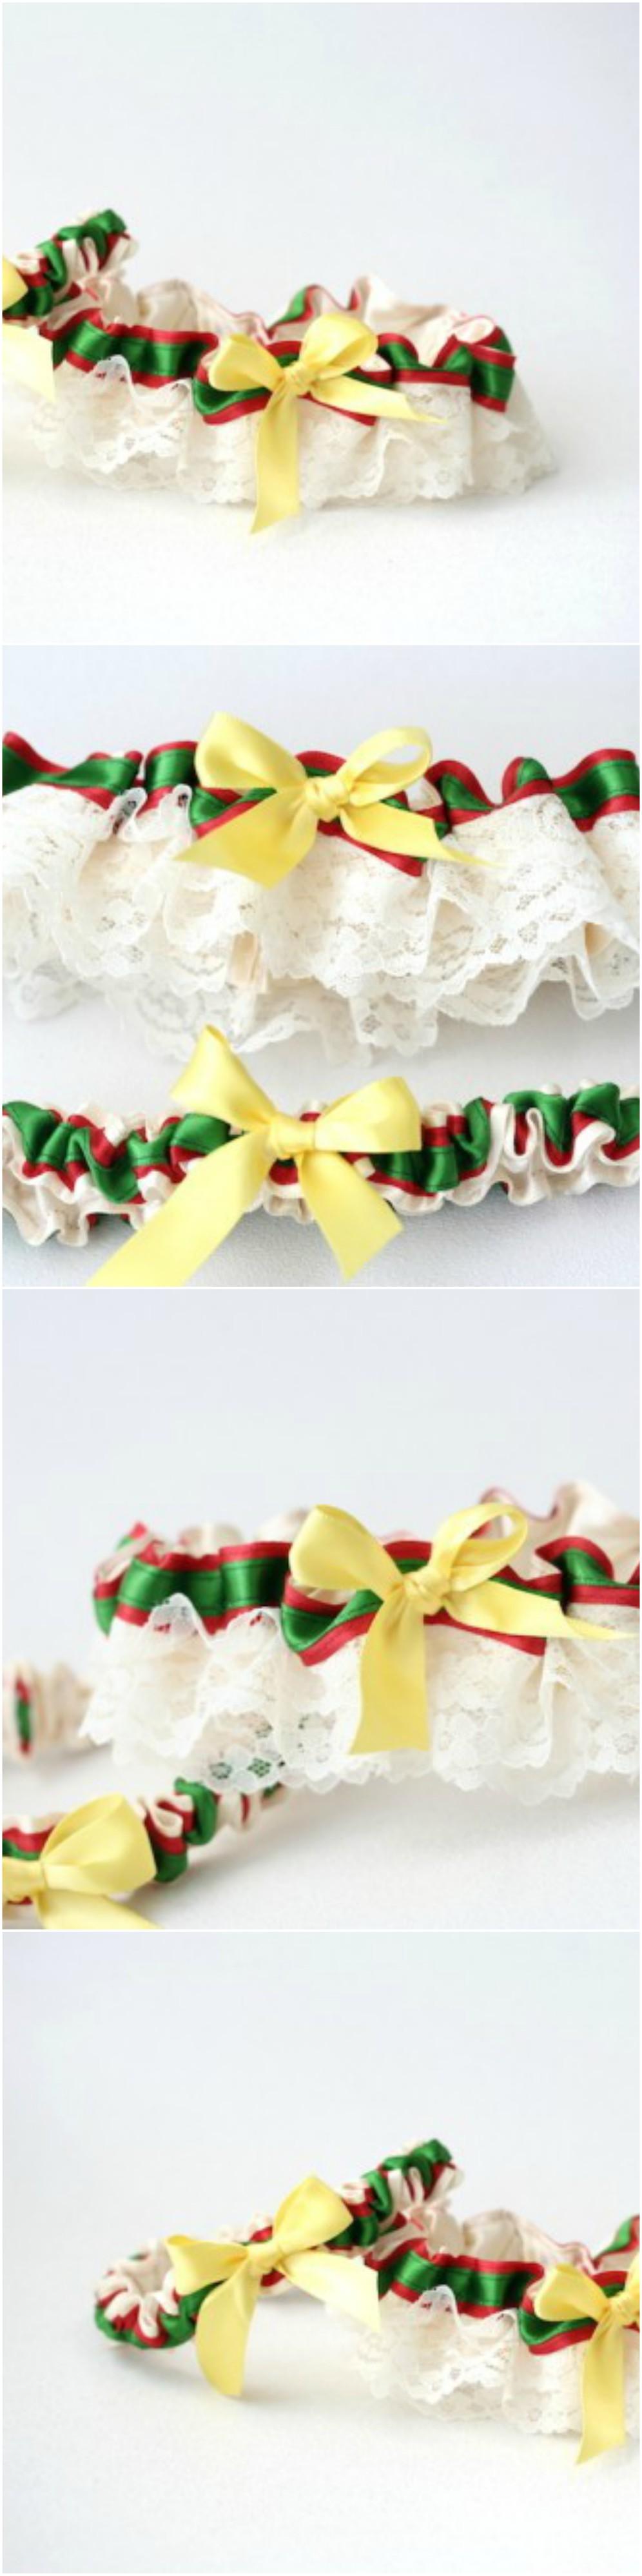 Custom Rasta Themed Wedding Garter Set-by The Garter Girl | RED ...